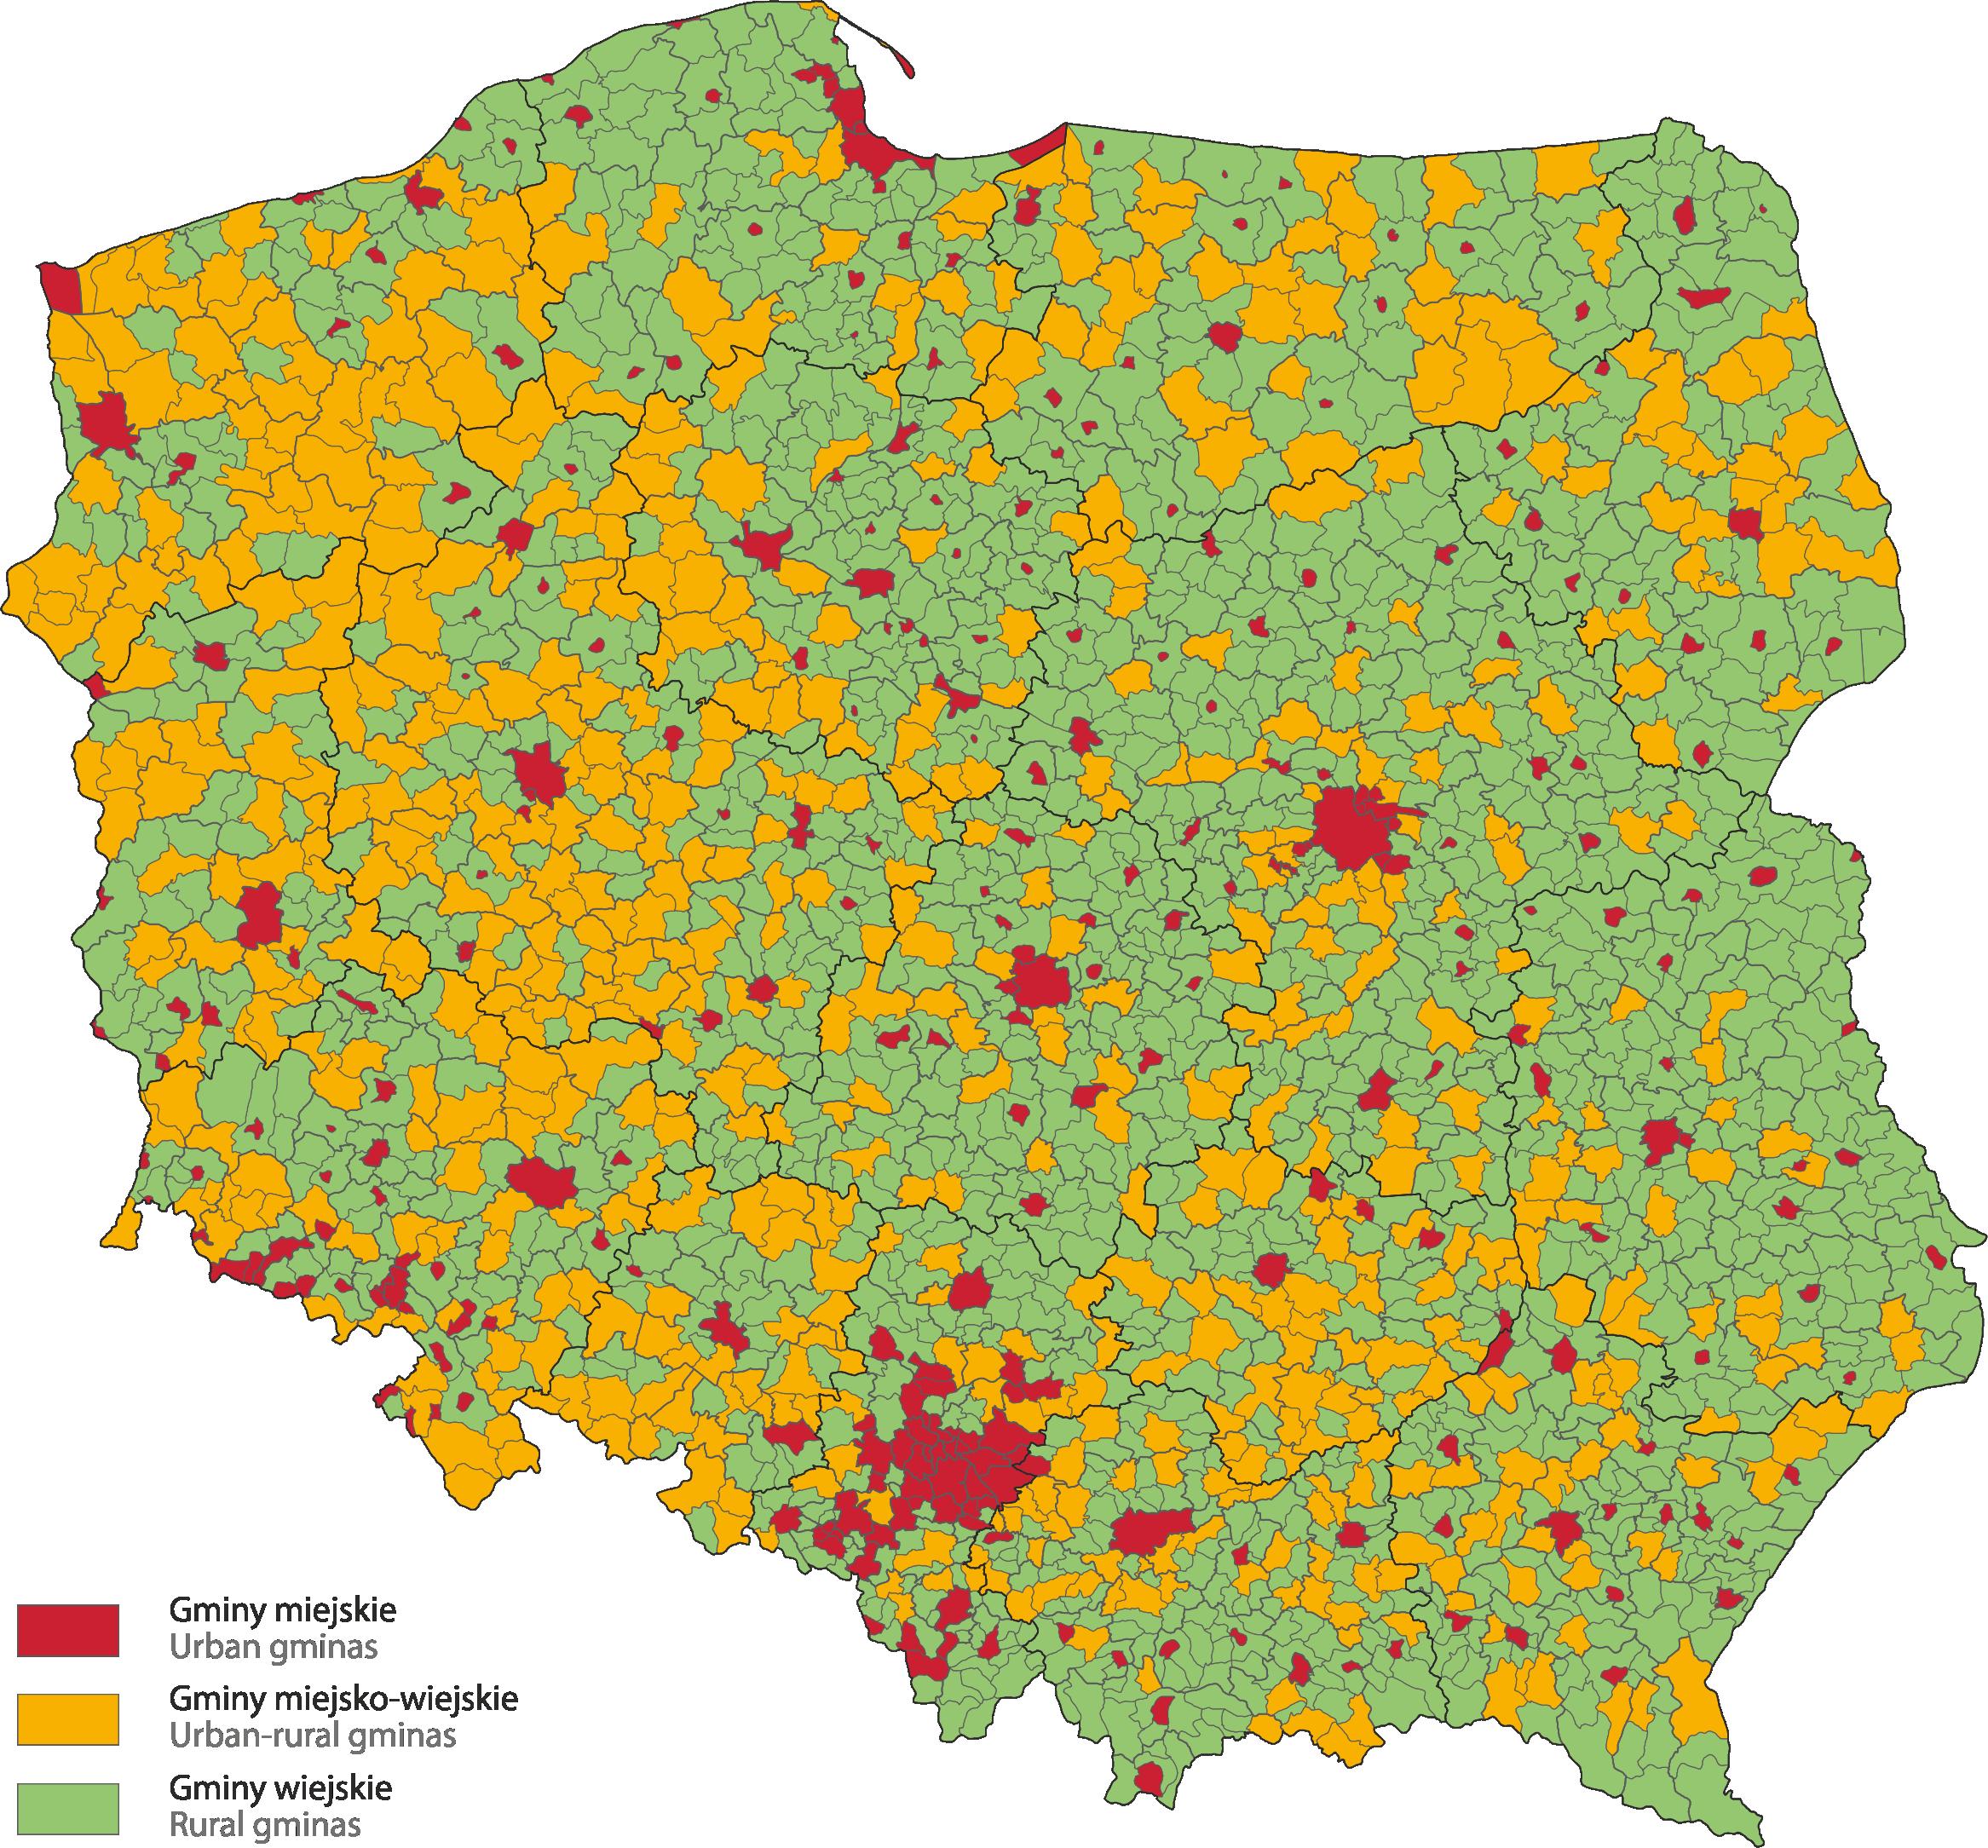 Rodzaje gmin w Polsce (fot. stat.gov.pl)